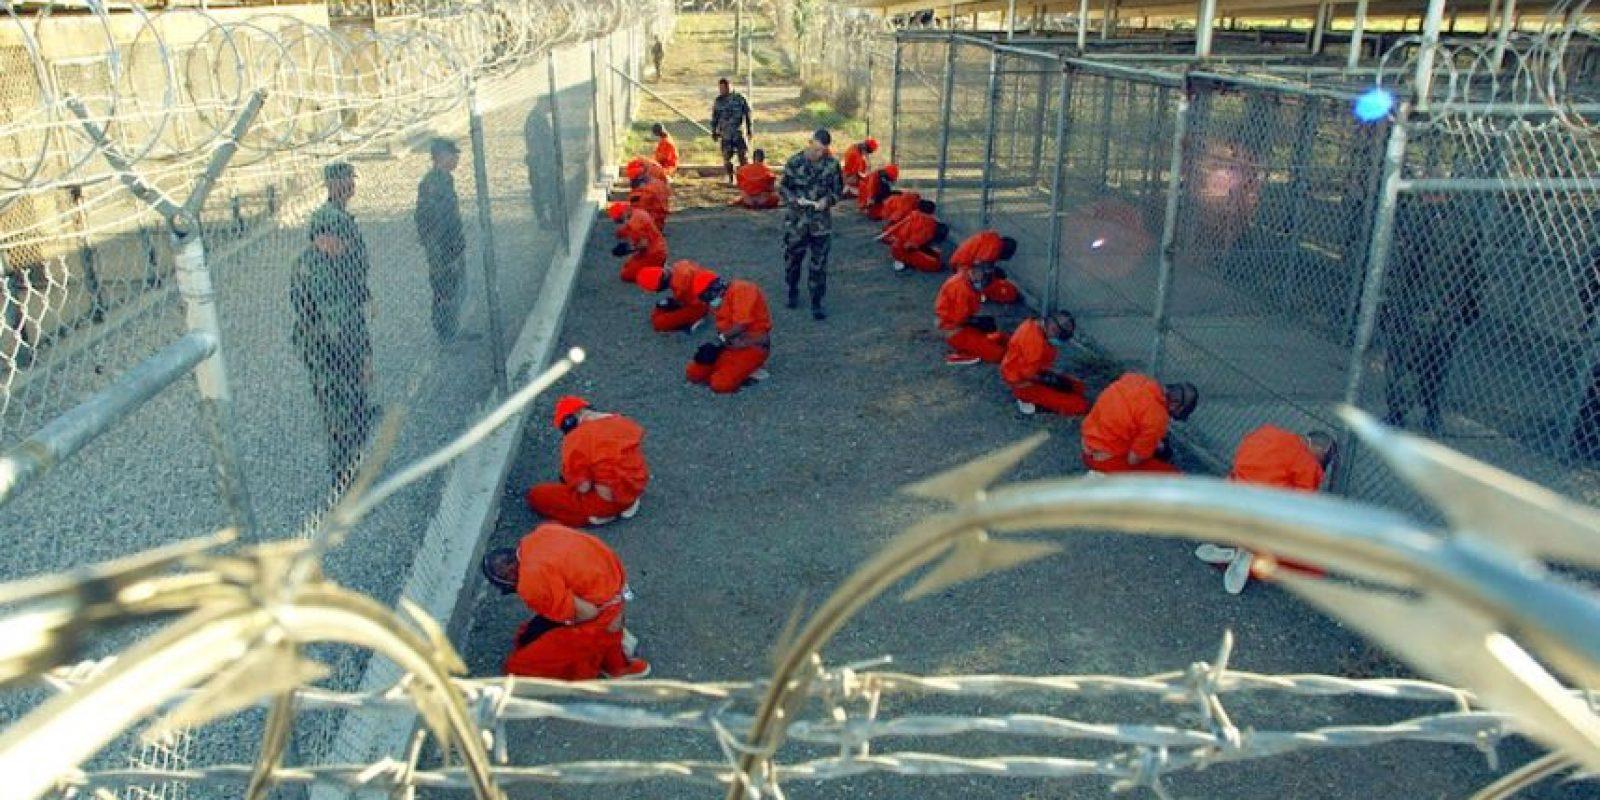 Para que confesaran, algunos detenidos no recibían alimentos, agua ni atención médica. Foto:Getty Images